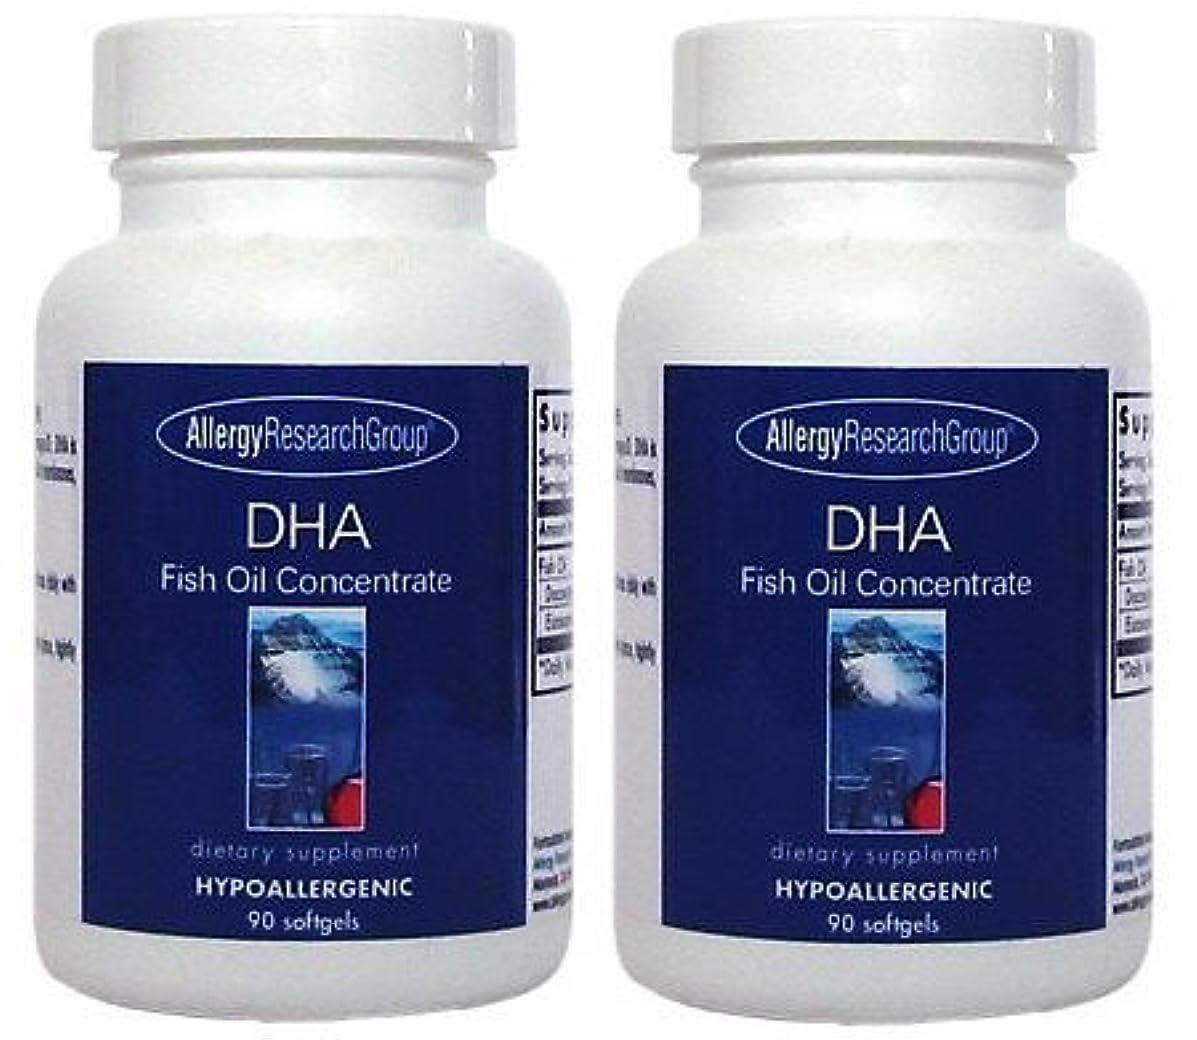 水没艦隊同行DHA & EPA (DHA Fish Oil Concentrate 90 Softgels ) [海外直送品] 2ボトル